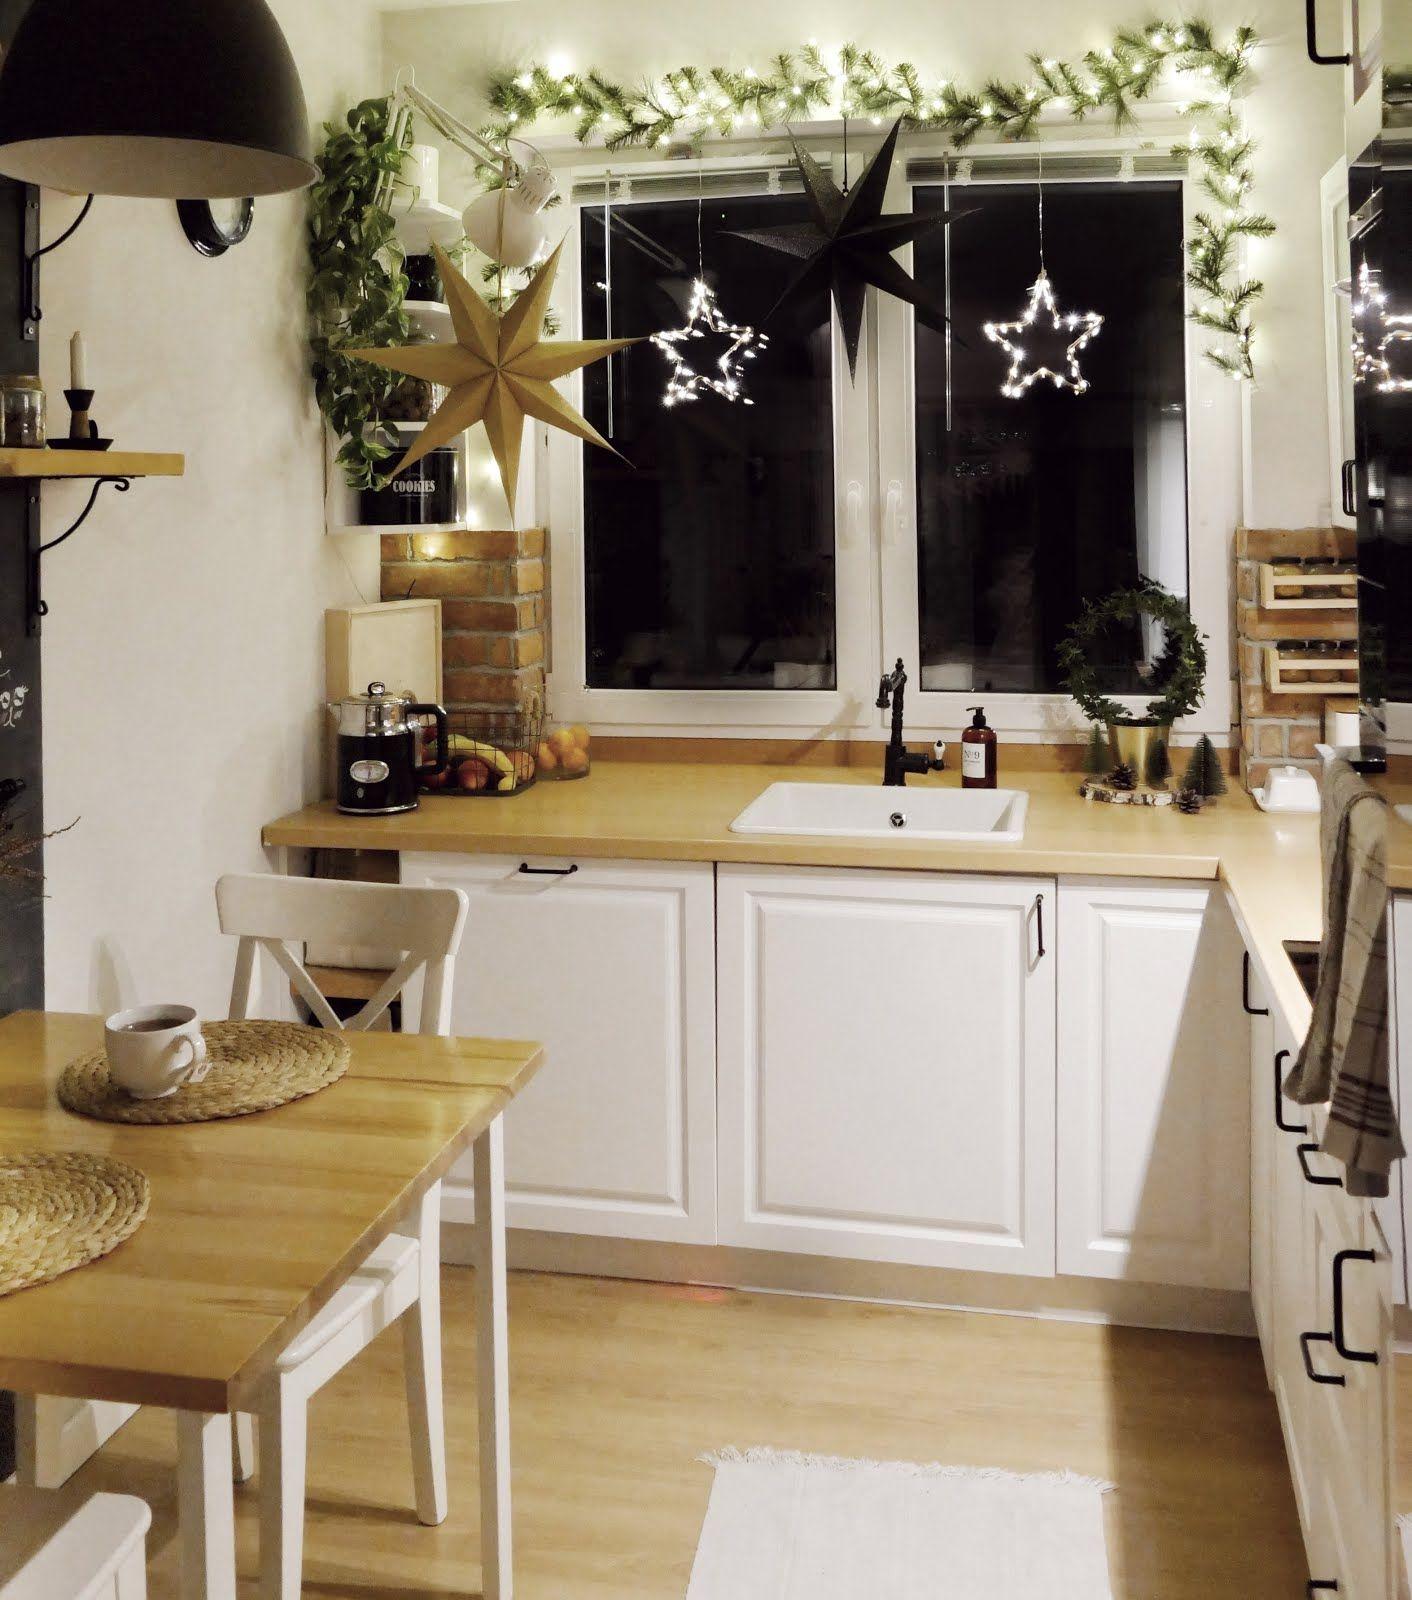 O Caroline Boze Narodzenie 2019 Swiateczne Nakrycie Stolu Home Decor Furniture Decor